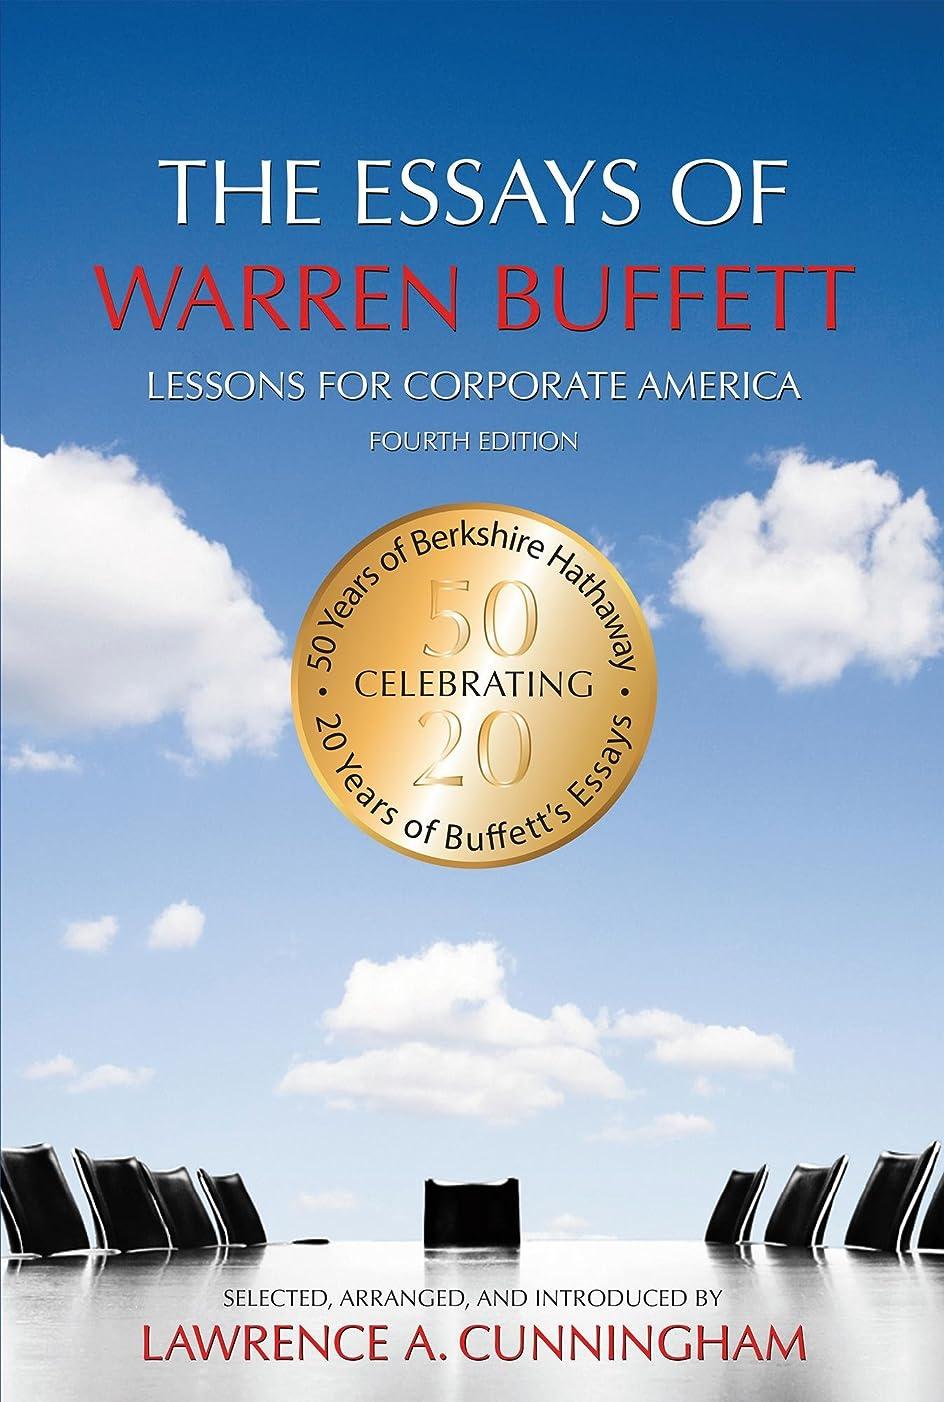 反乱成分遺伝子The Essays of Warren Buffett: Lessons for Corporate America, Fourth Edition (English Edition)